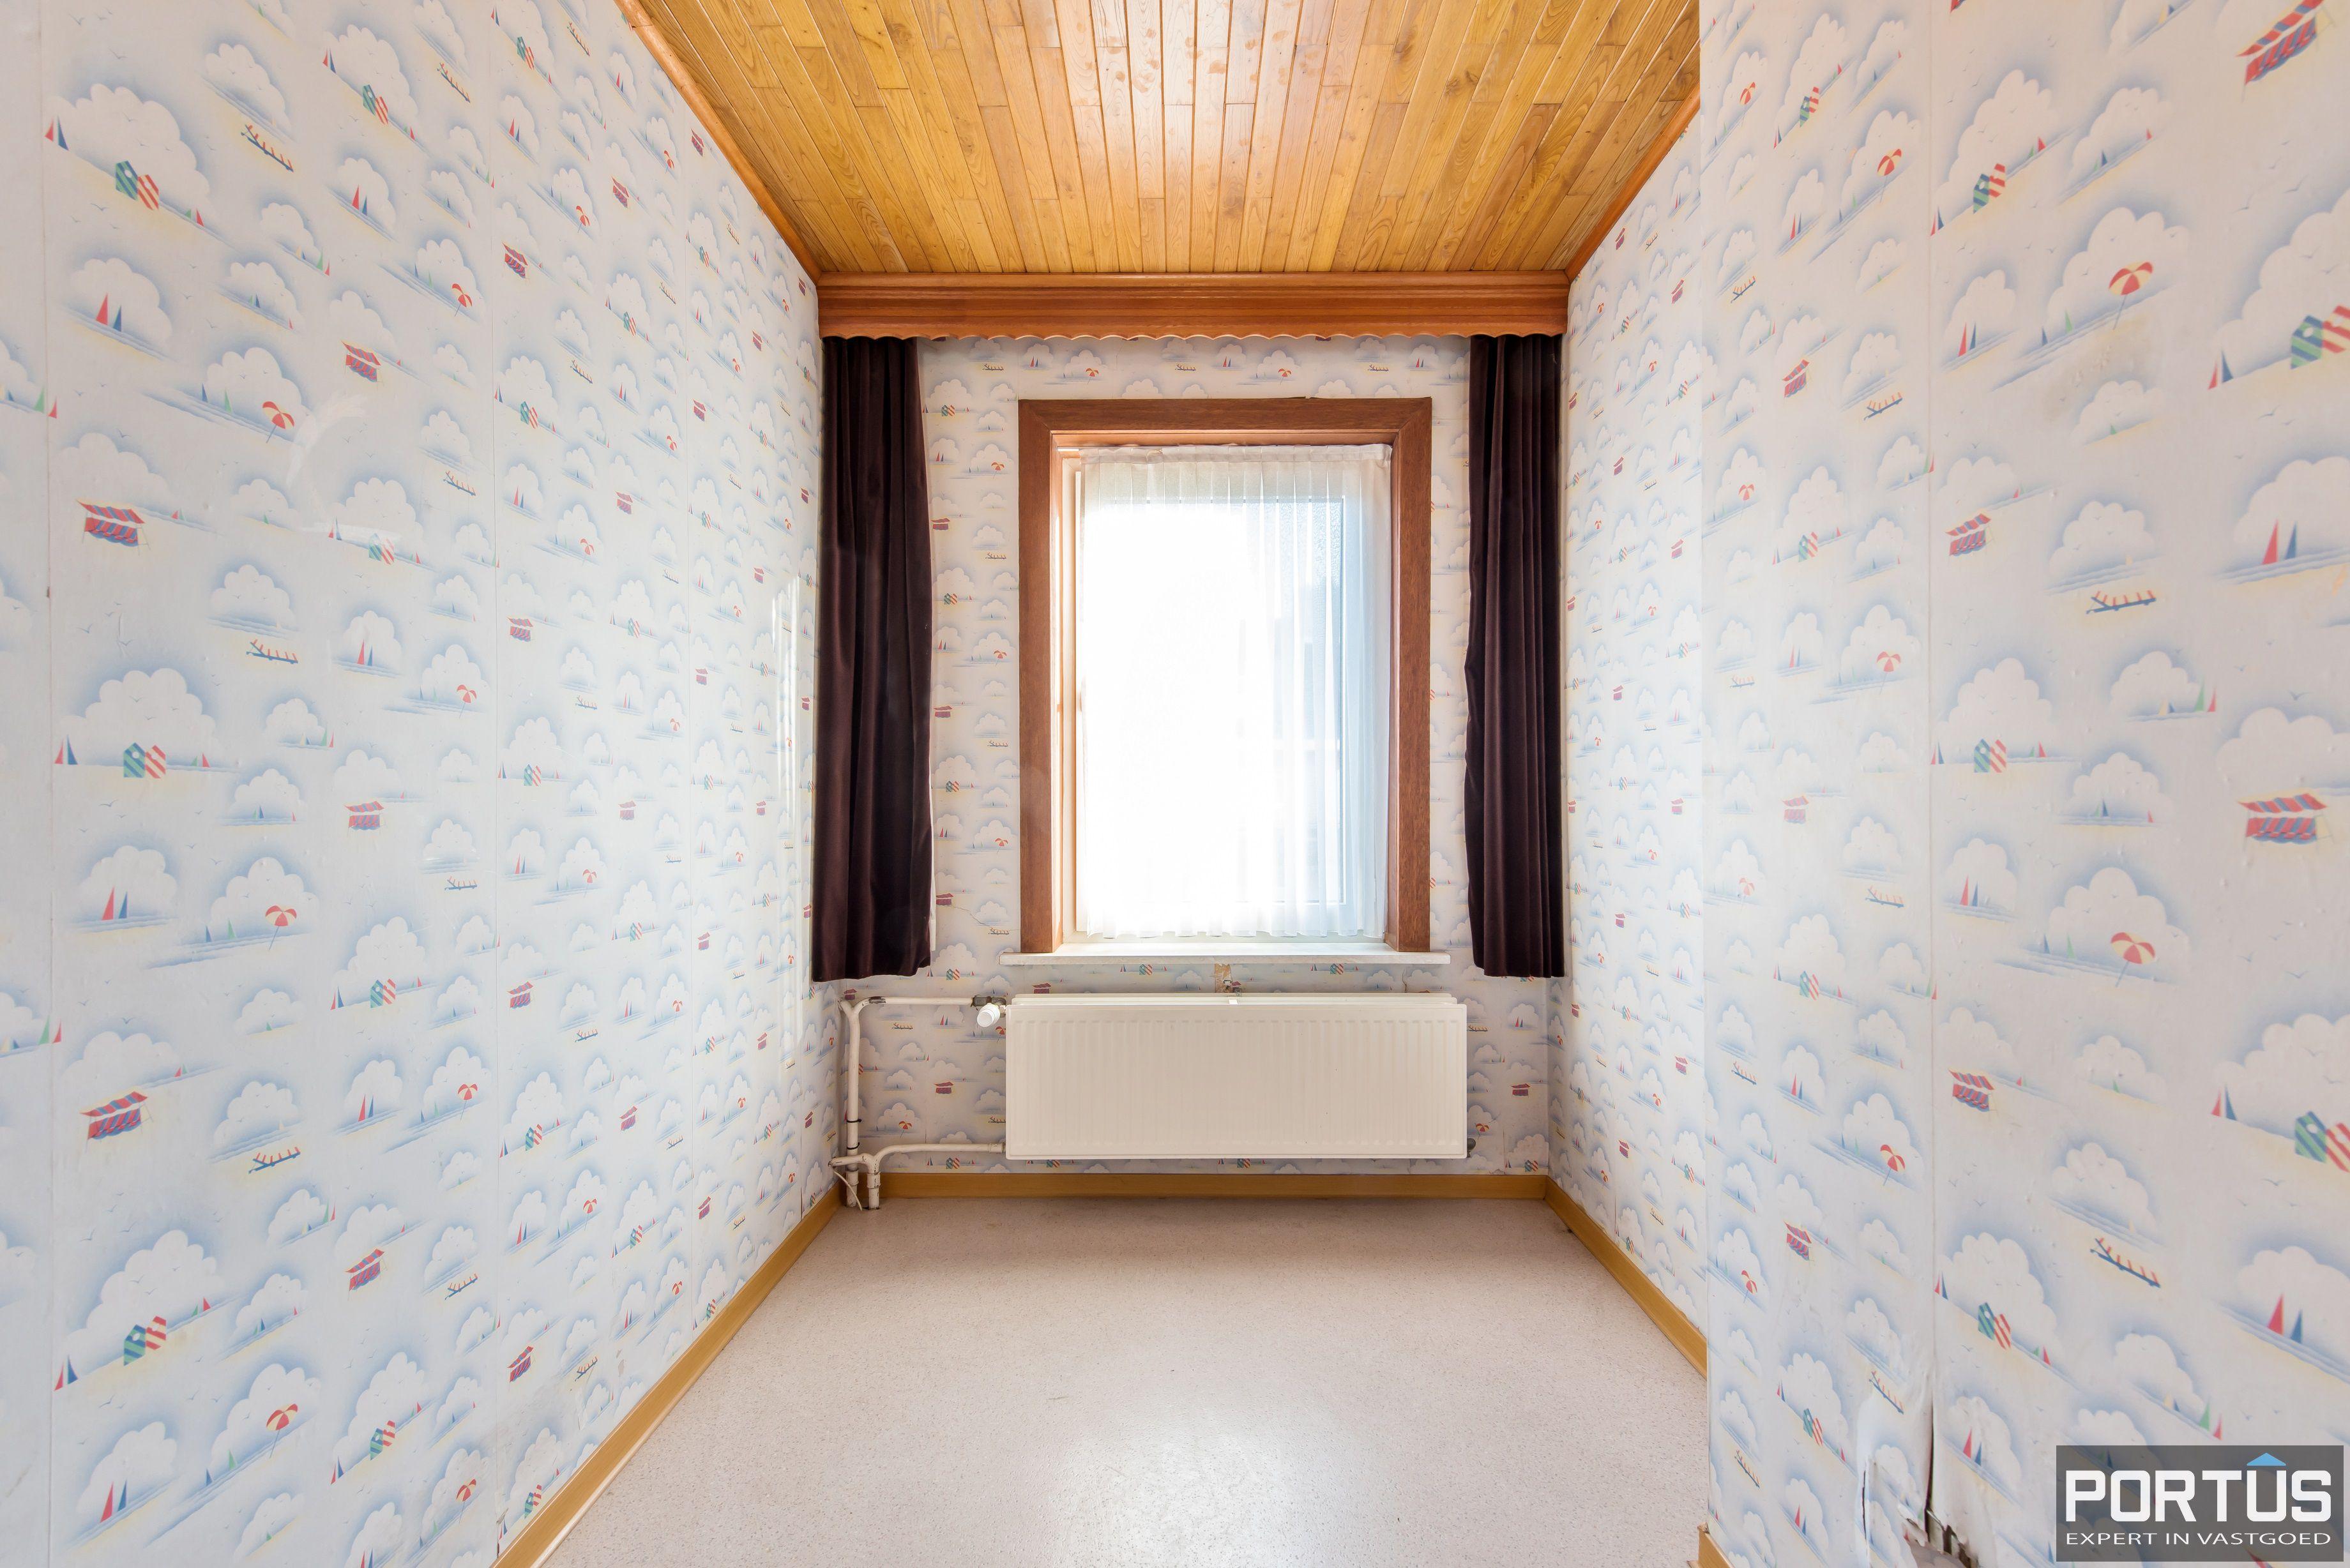 Woning met 4 slaapkamers en grote tuin te koop - 10794